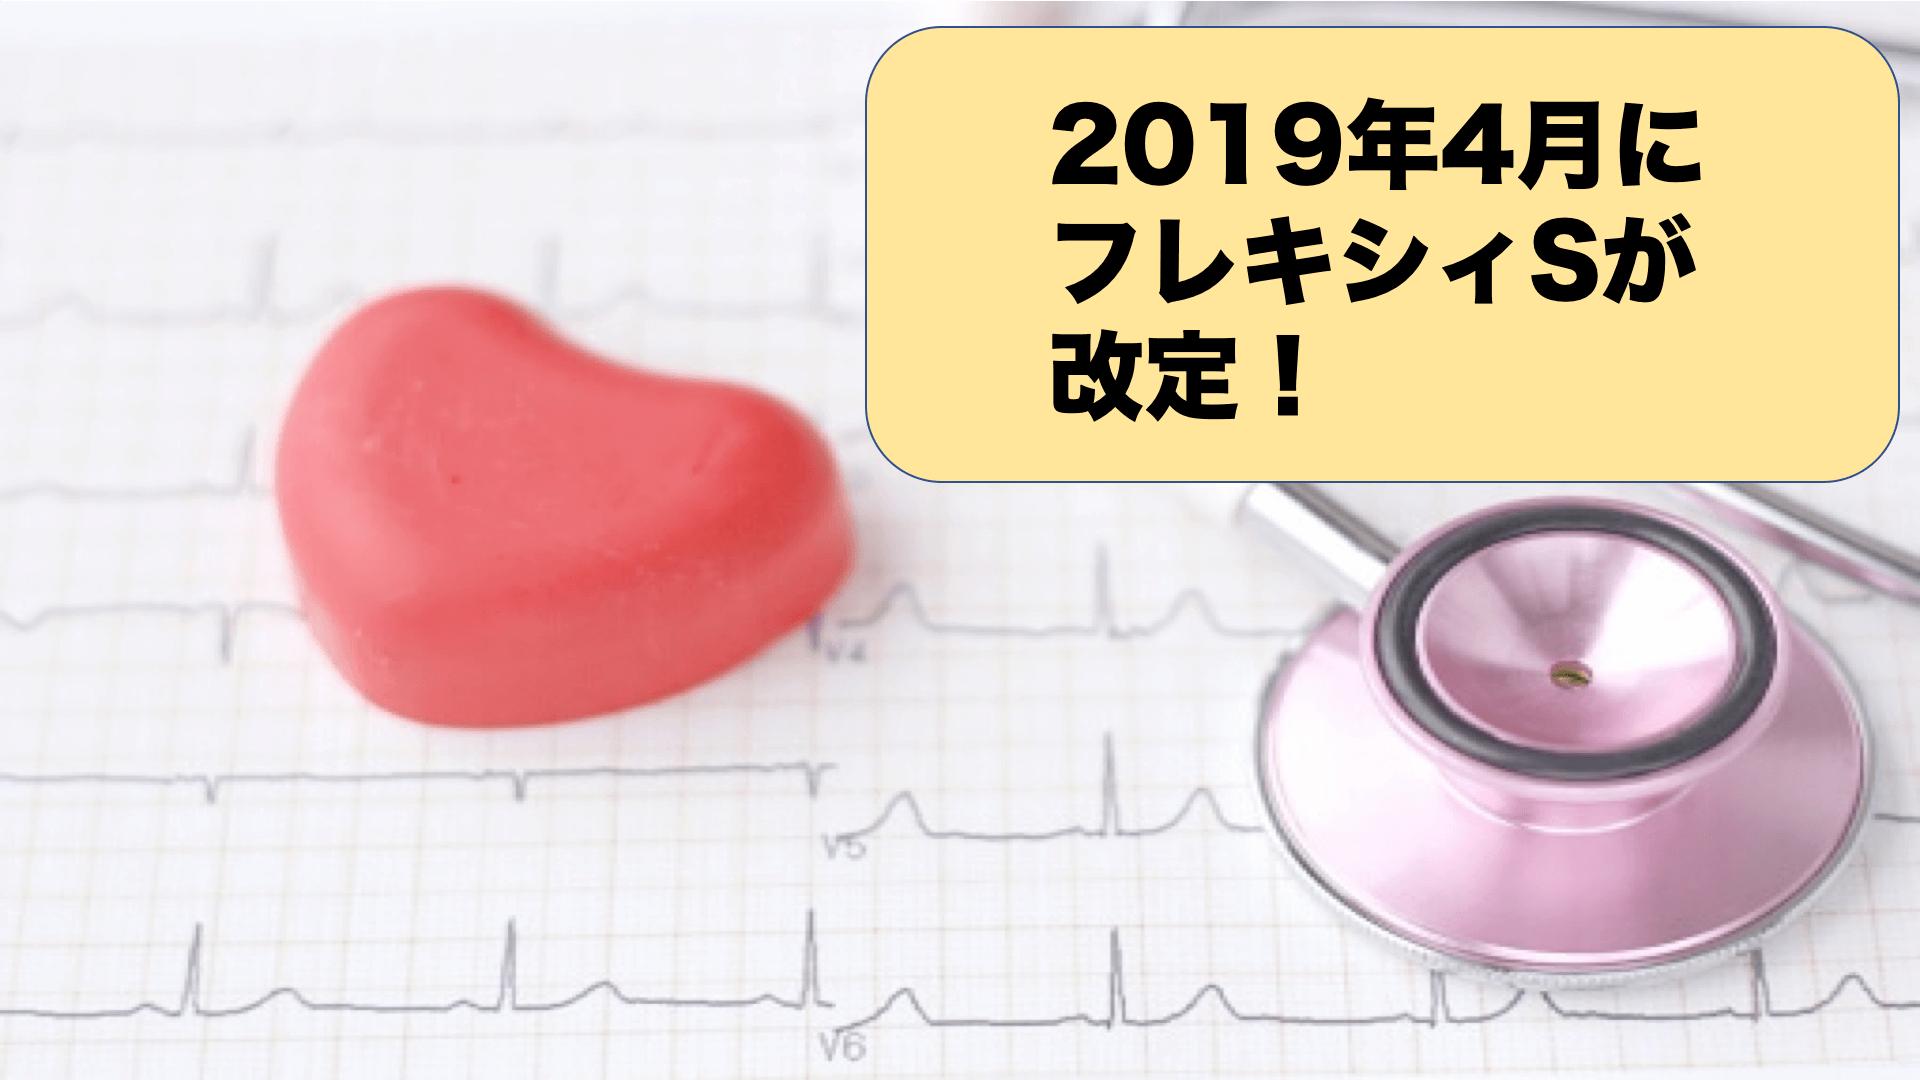 2019年4月の終身医療保険「フレキシィS」の商品改定について!特約についての変更